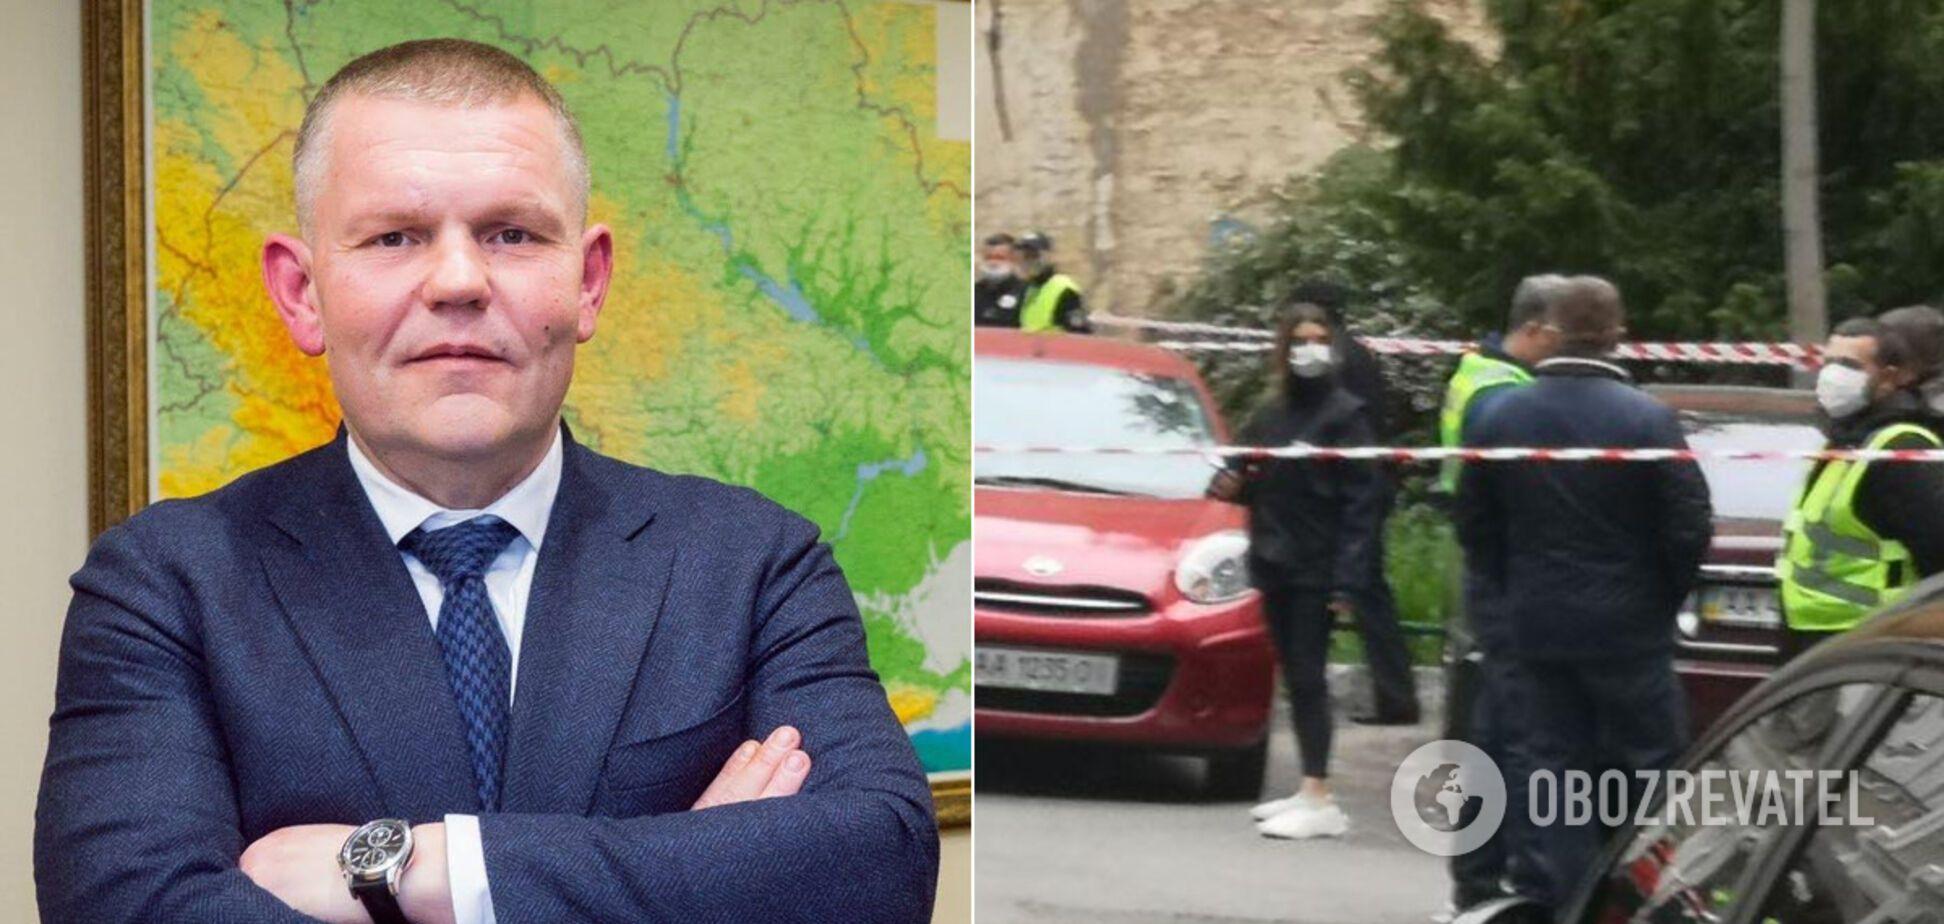 Смерть нардепа Давыденко: СМИ узнали, из какого оружия стреляли